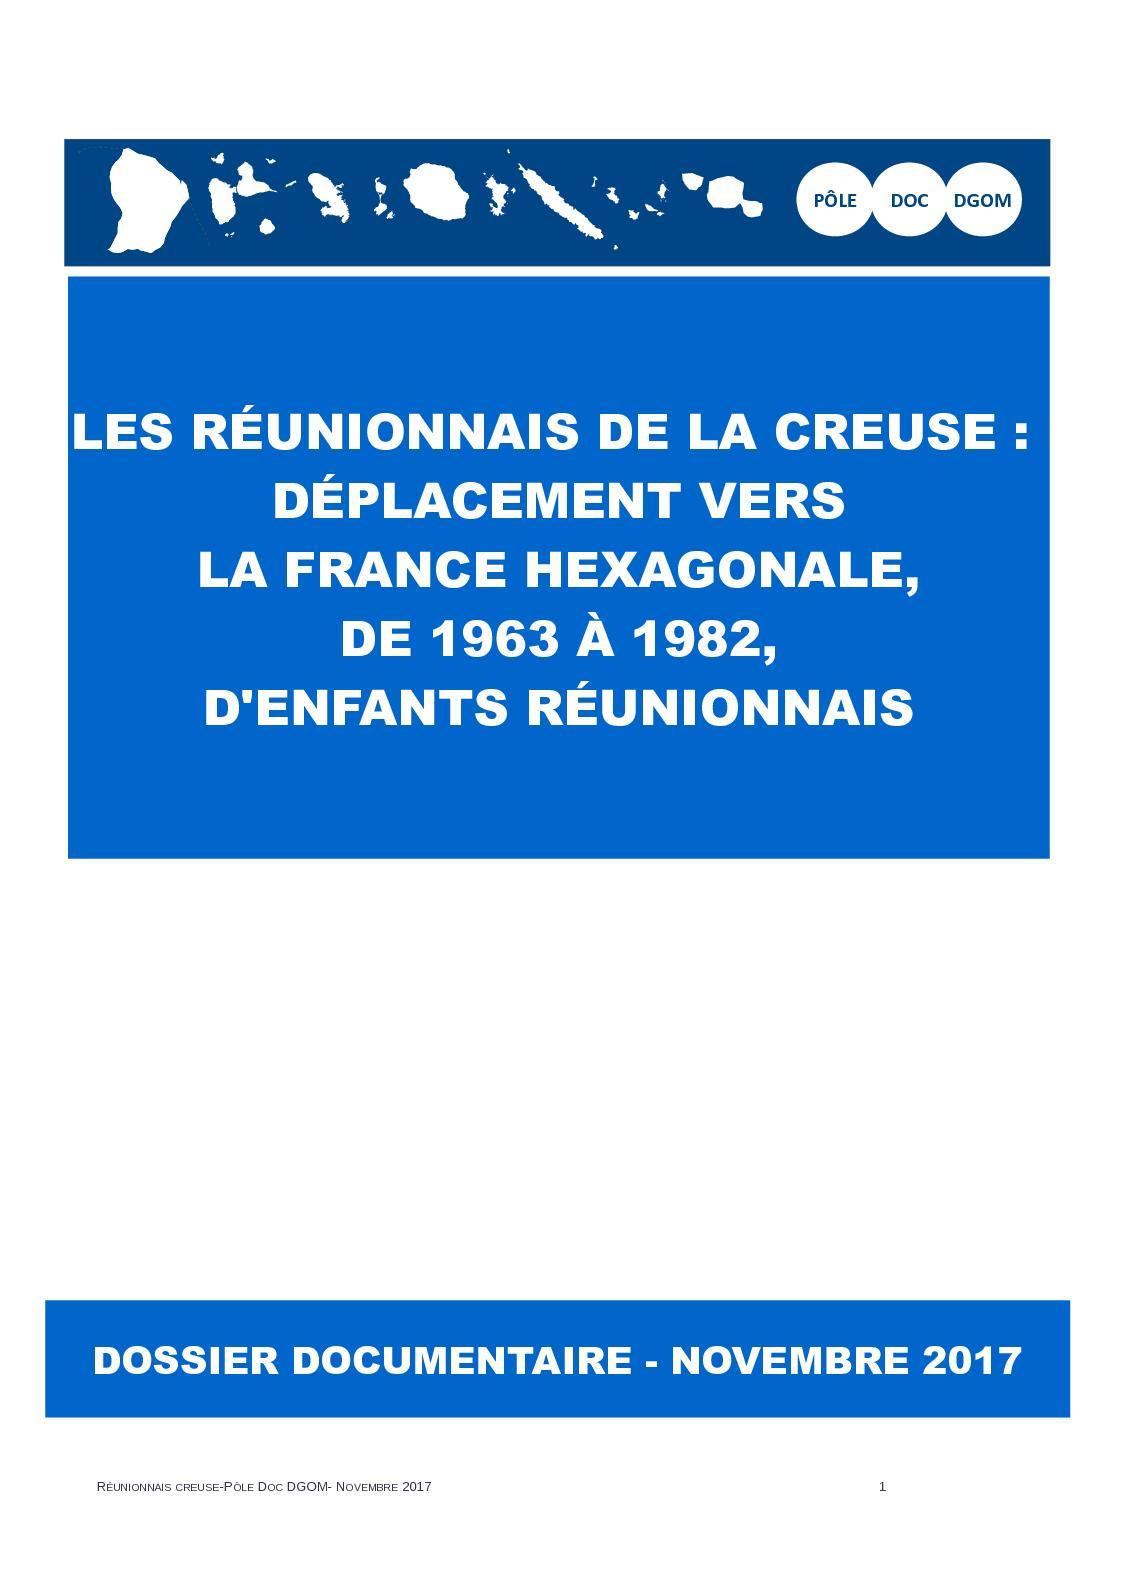 La Deportation Des Reunionnais De La Creuse : deportation, reunionnais, creuse, Calaméo, Reunionnais, Creuse